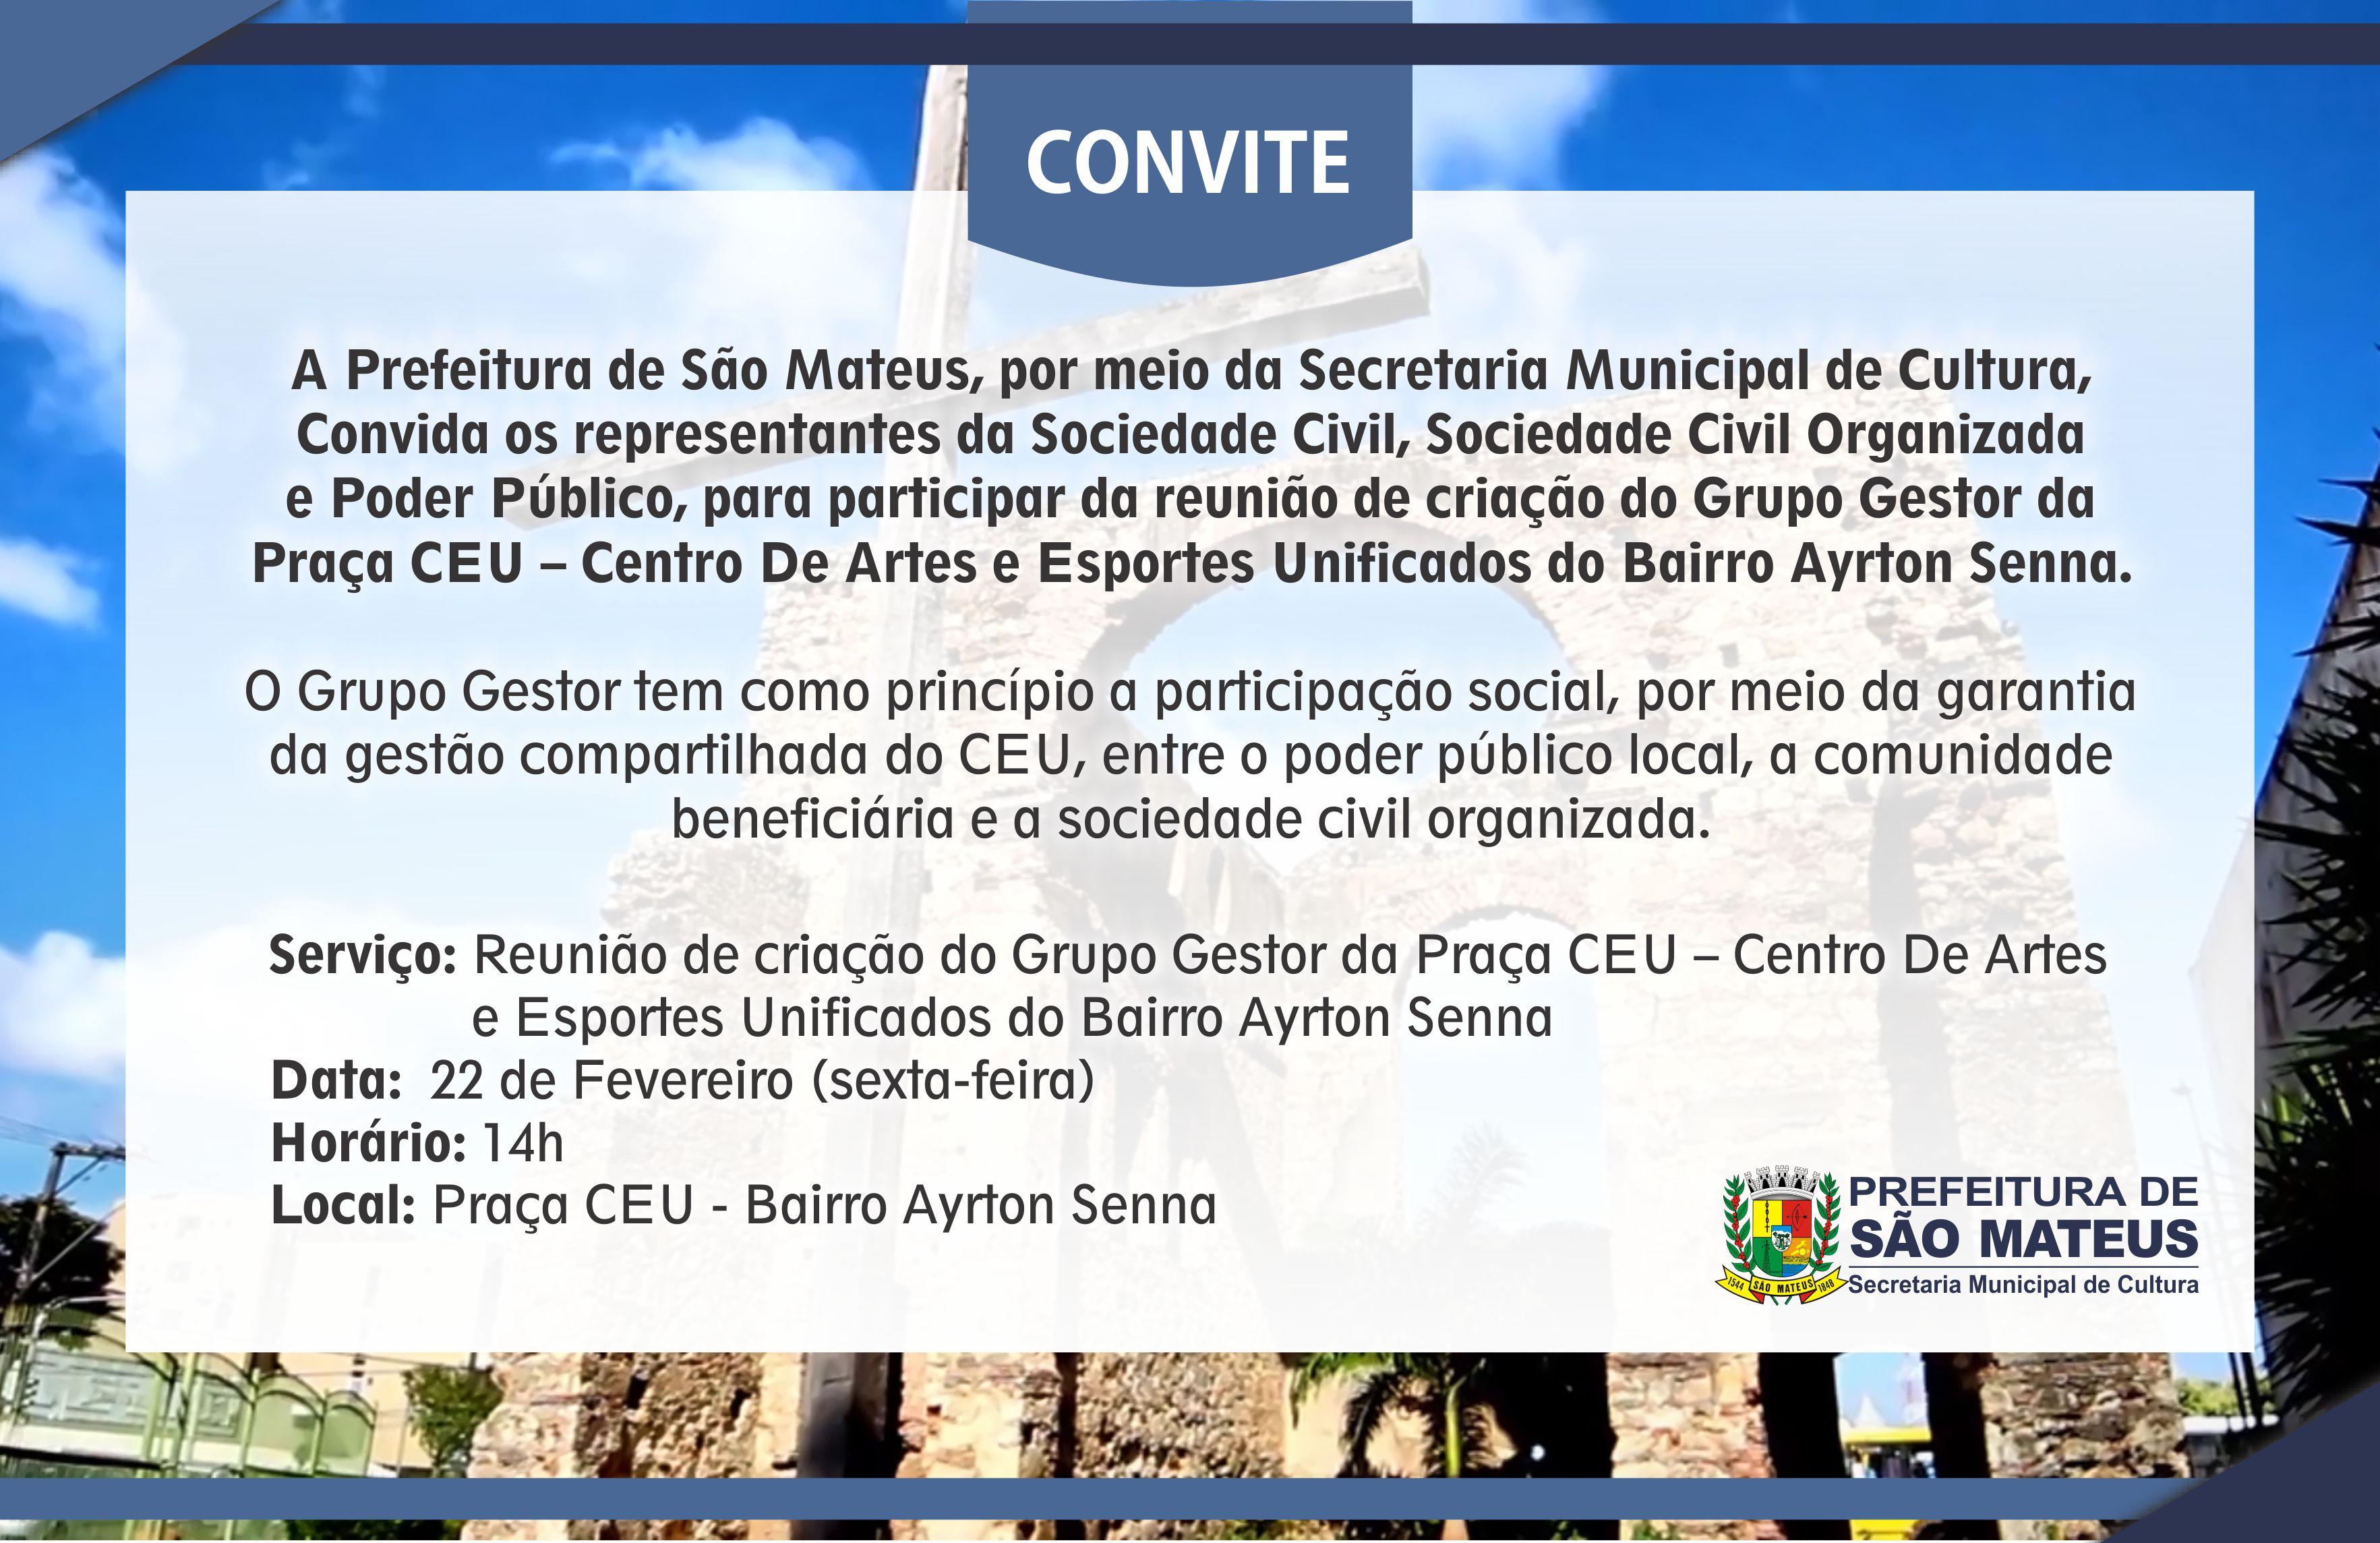 Prefeitura realiza reunião de criação de Grupo Gestor da Praça CEU no Bairro Ayrton Senna